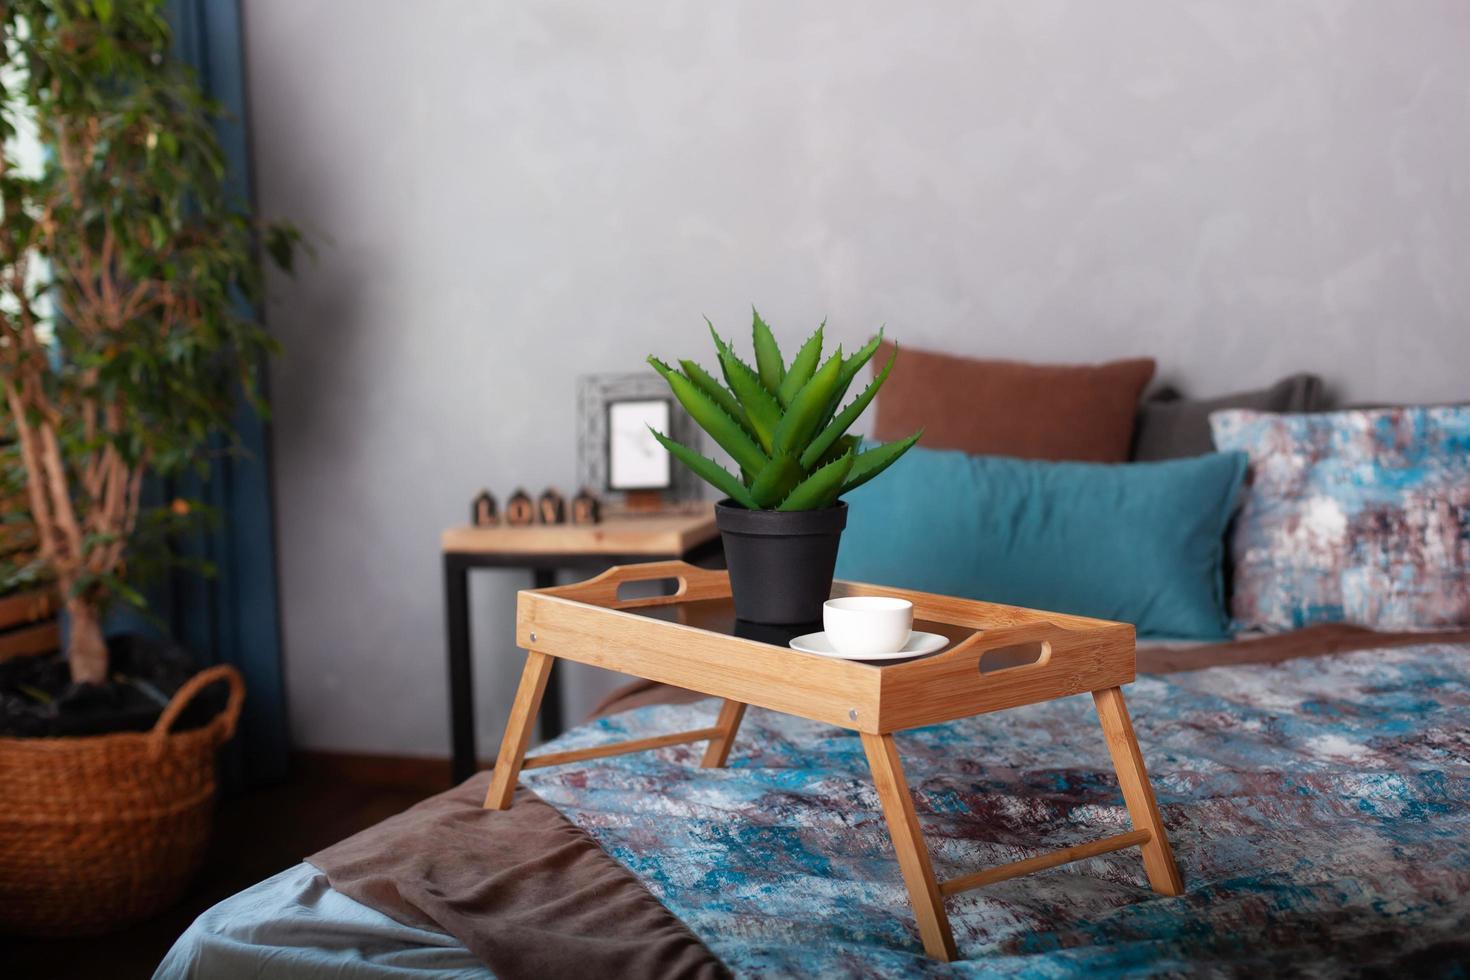 slaapkamer interieur met een kleine tafel op bed foto